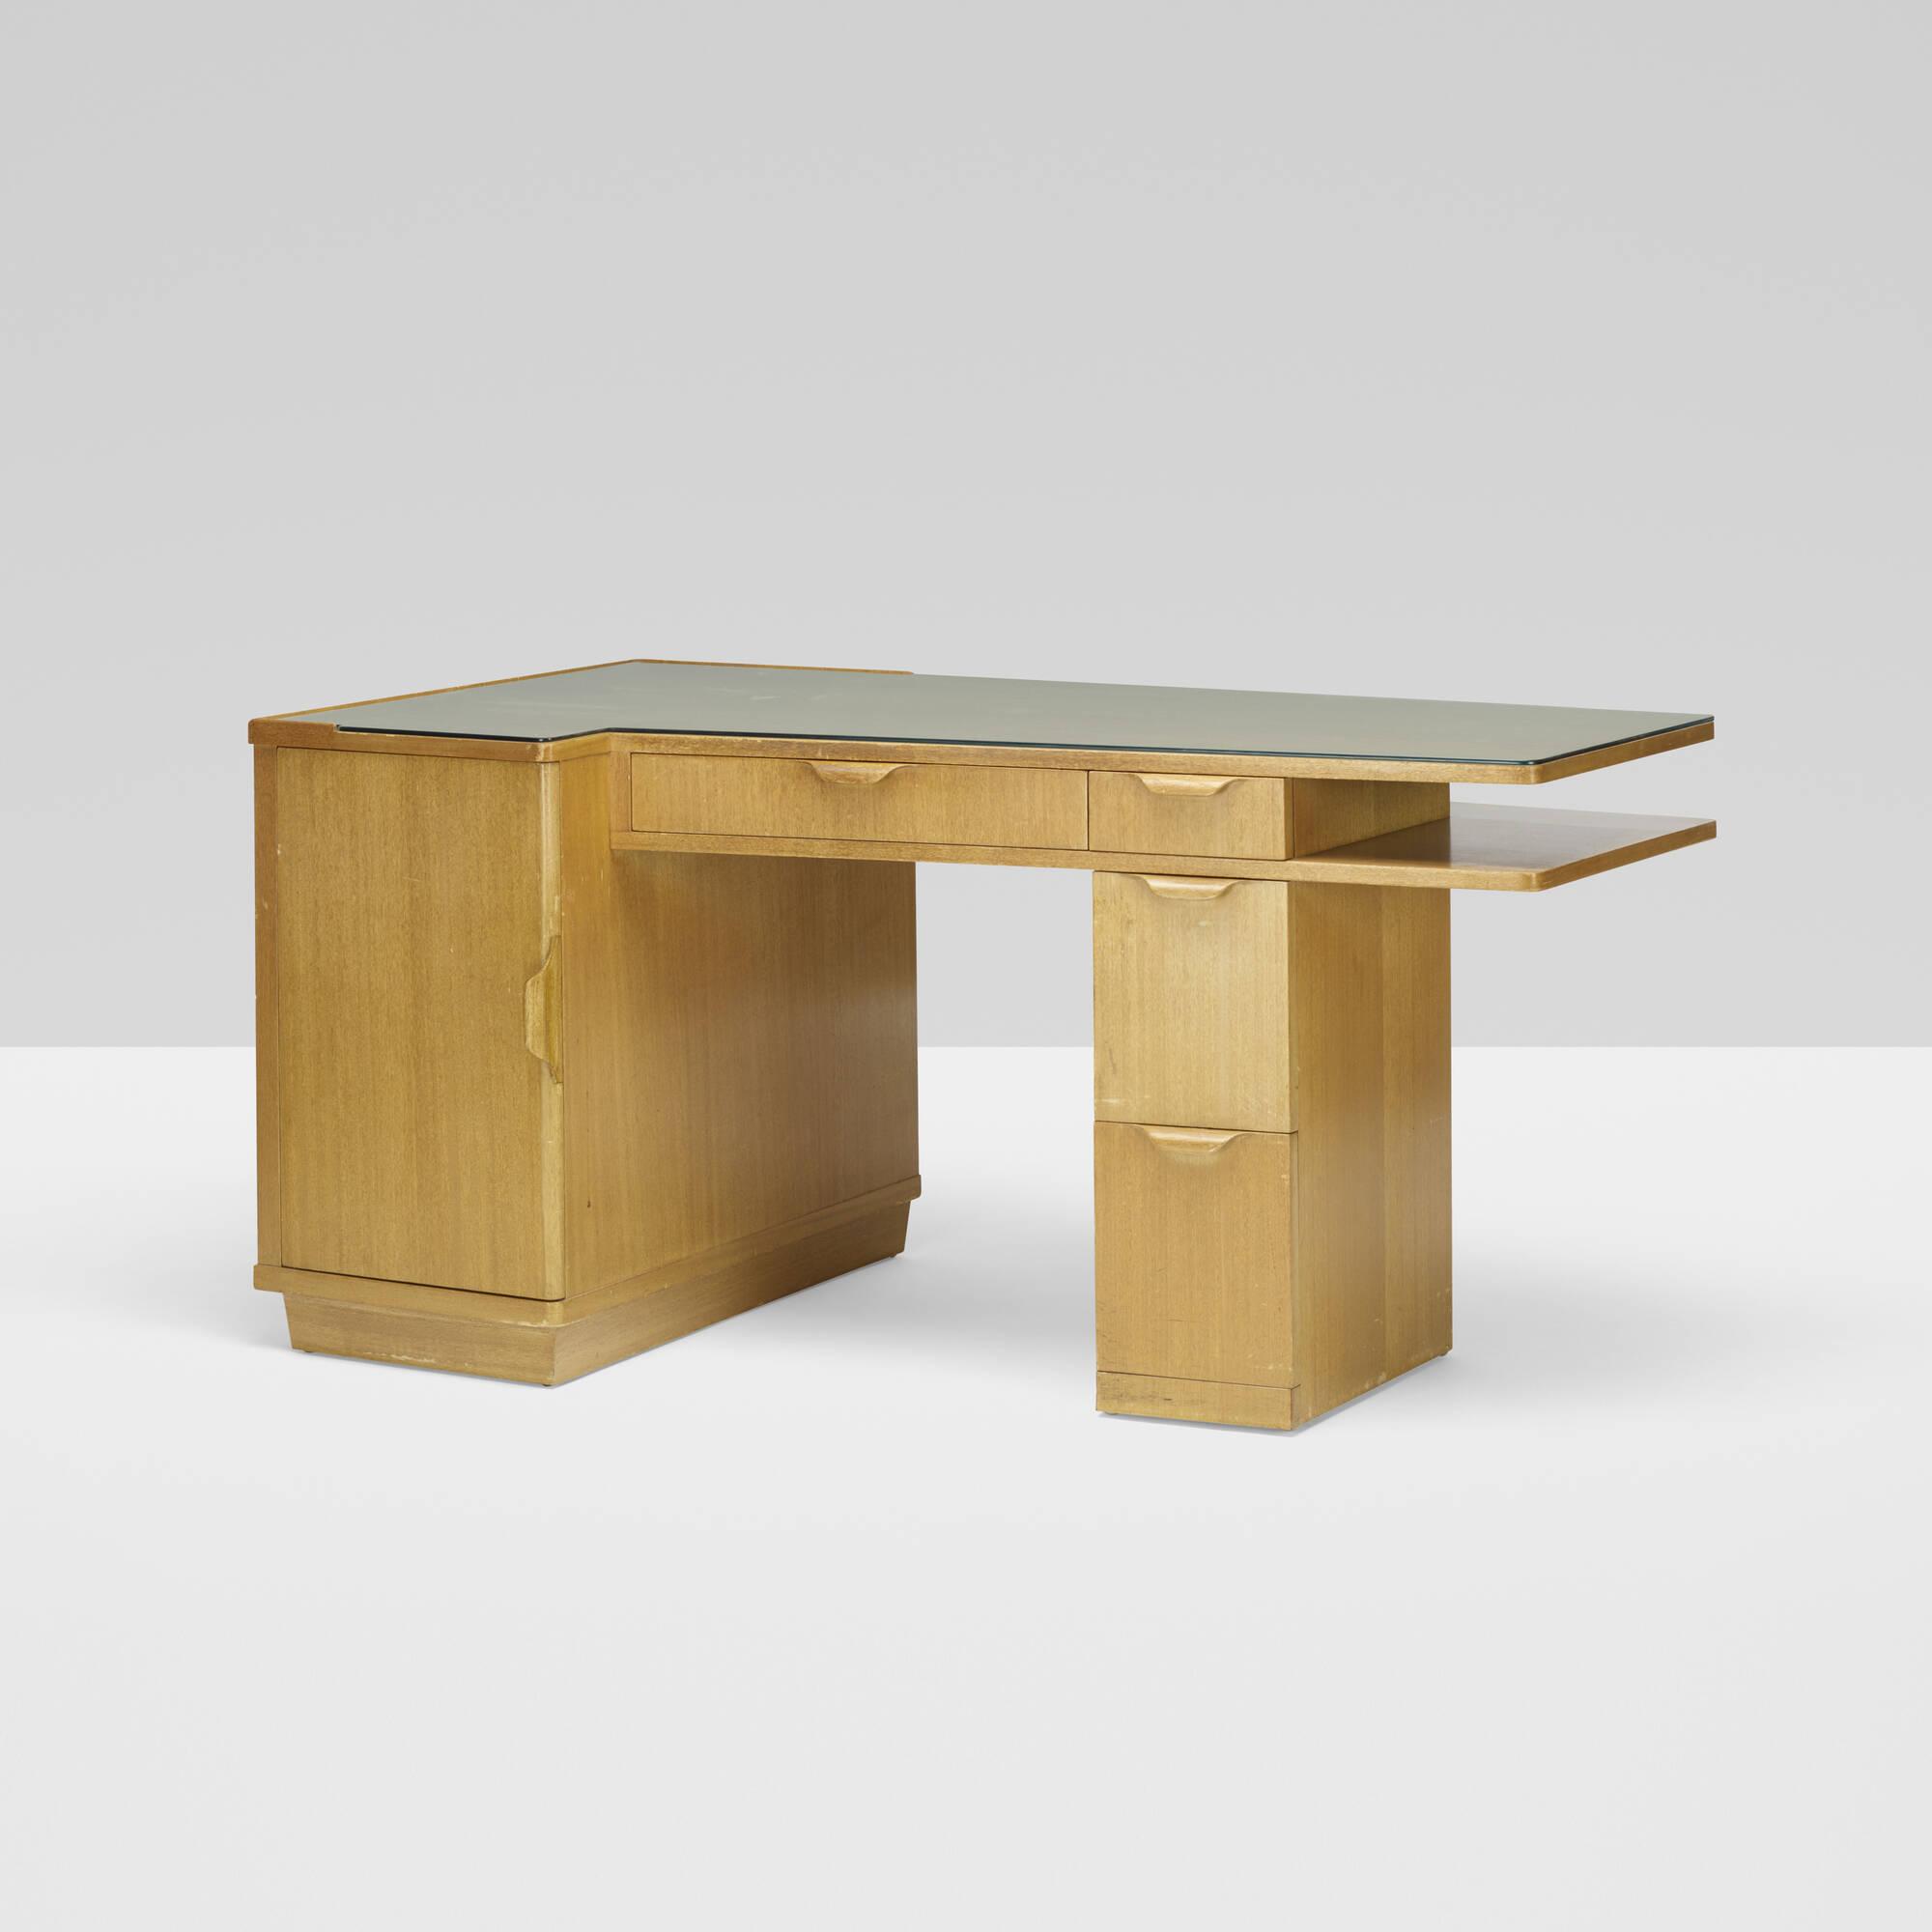 347: Edward Wormley / desk (1 of 4)